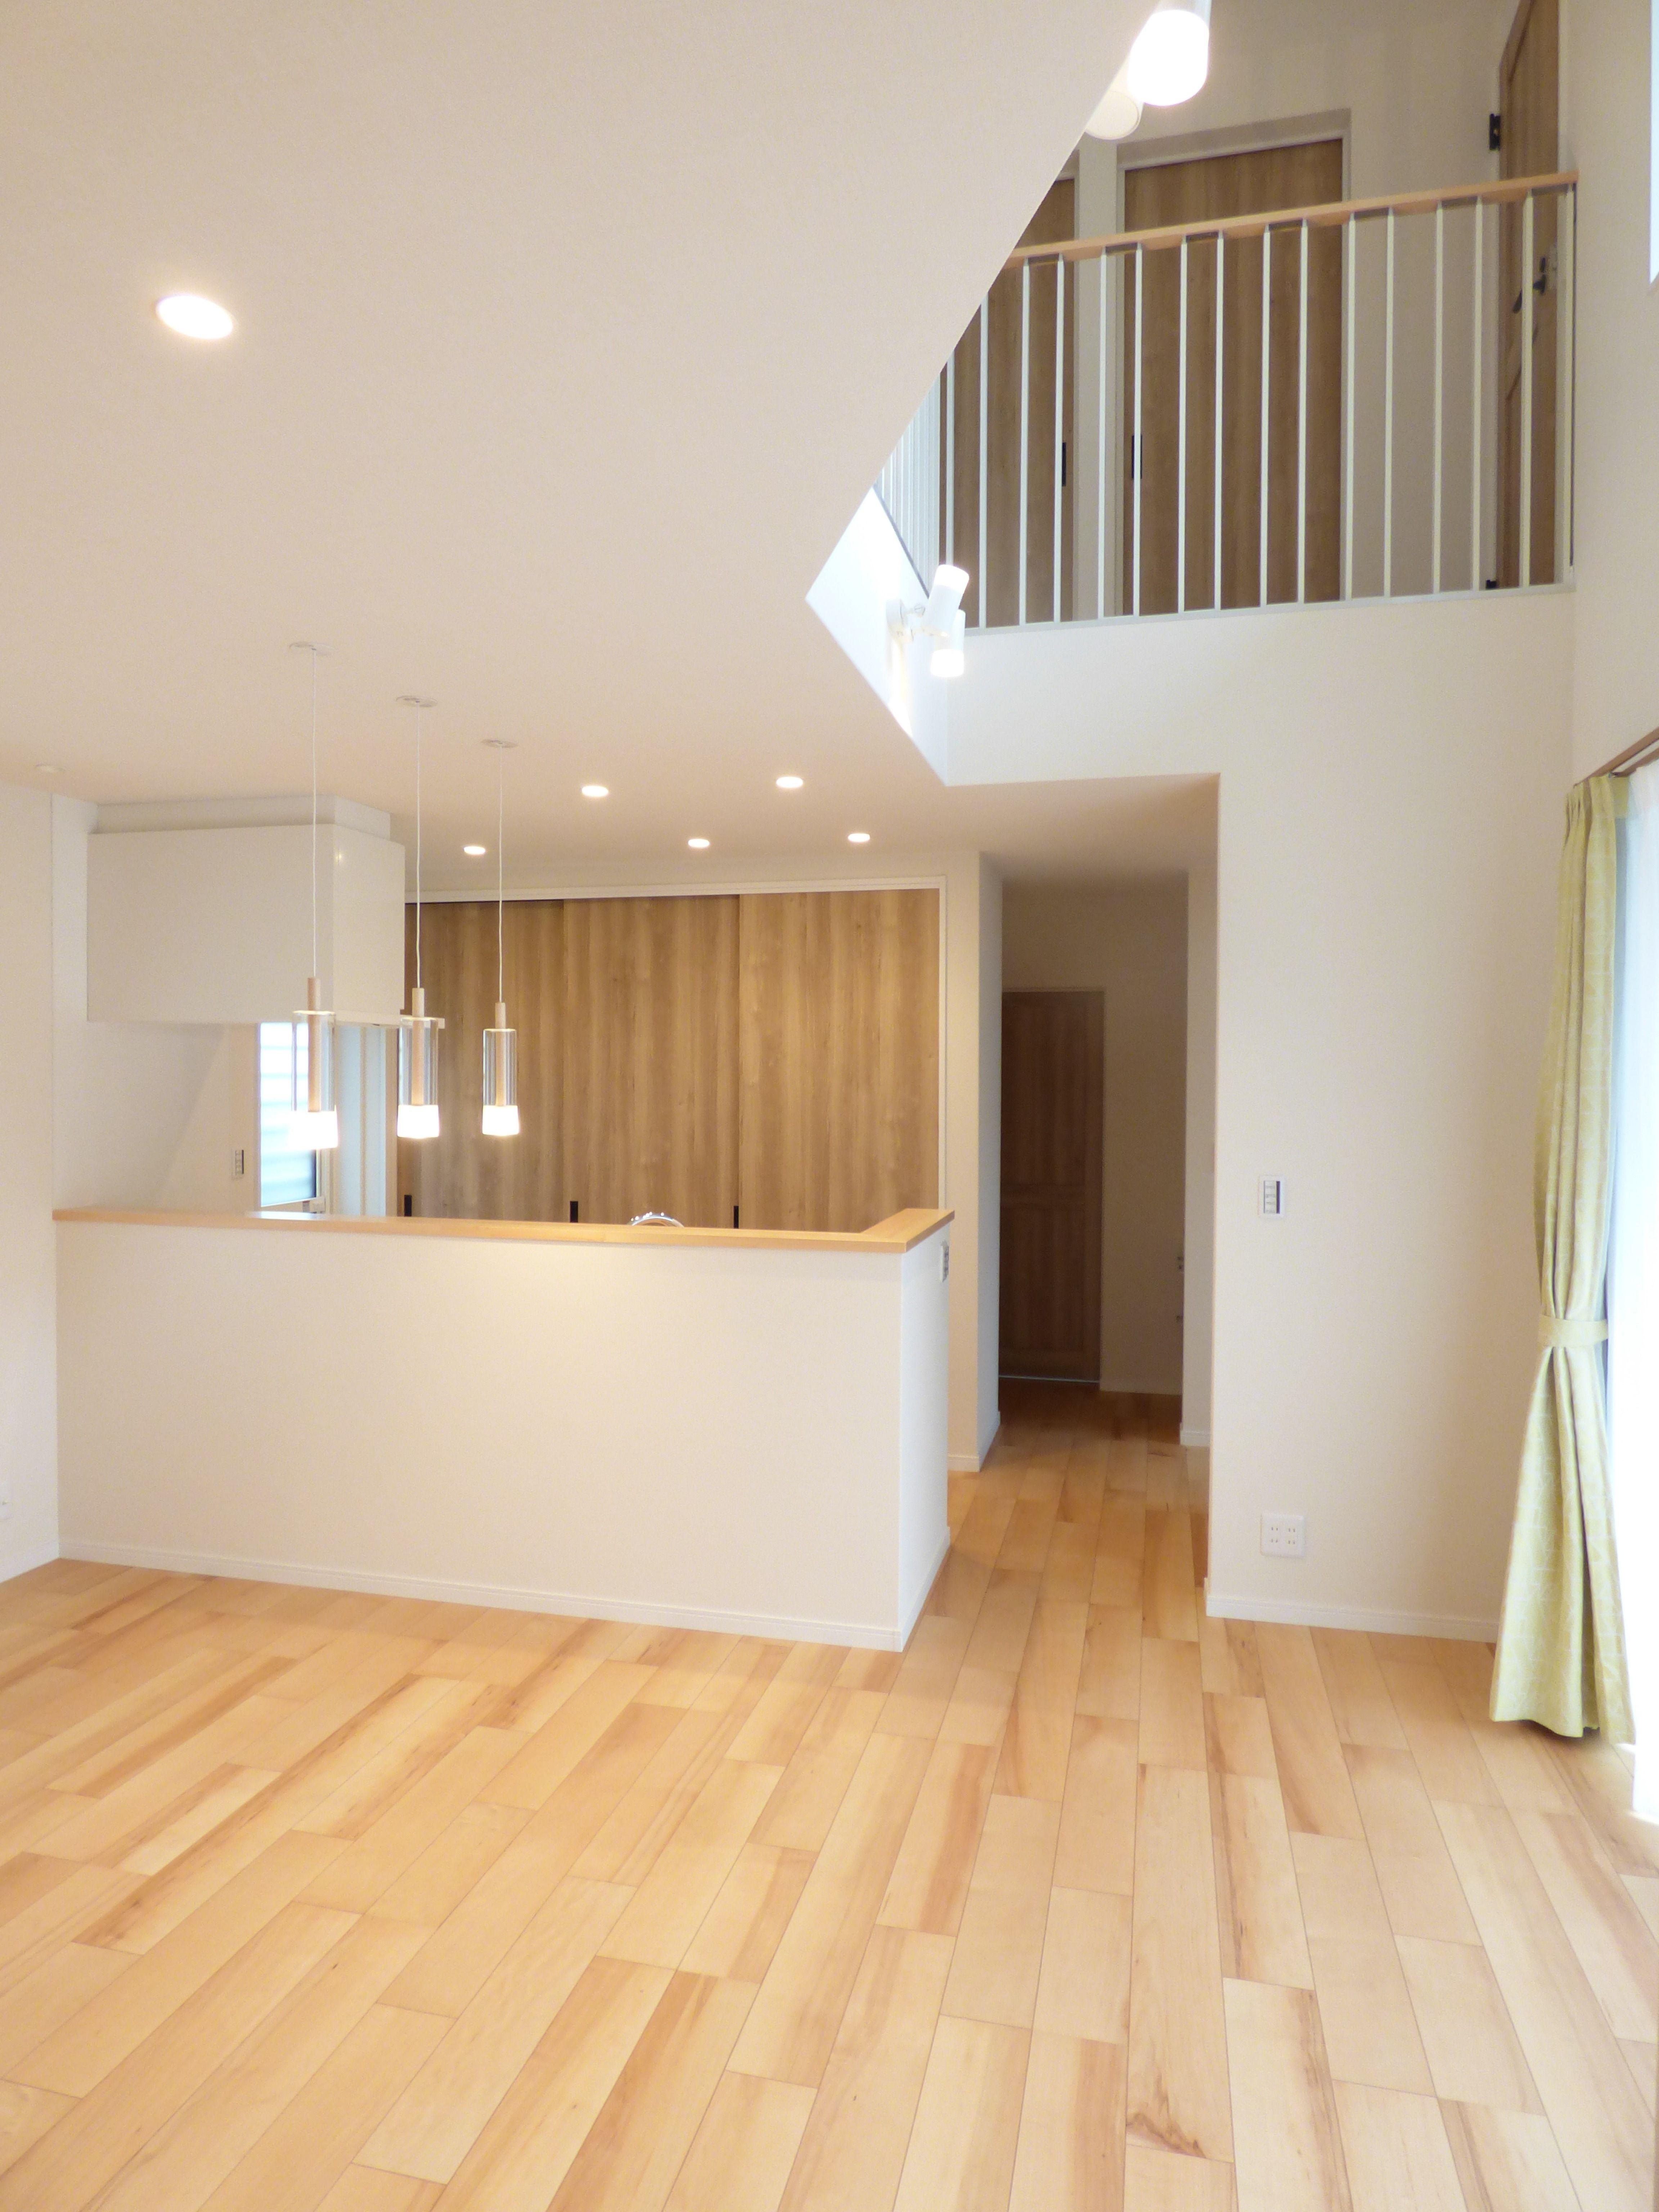 木のぬくもりと空気が心地良い36坪の2階建て 2階 一戸建て デザイン